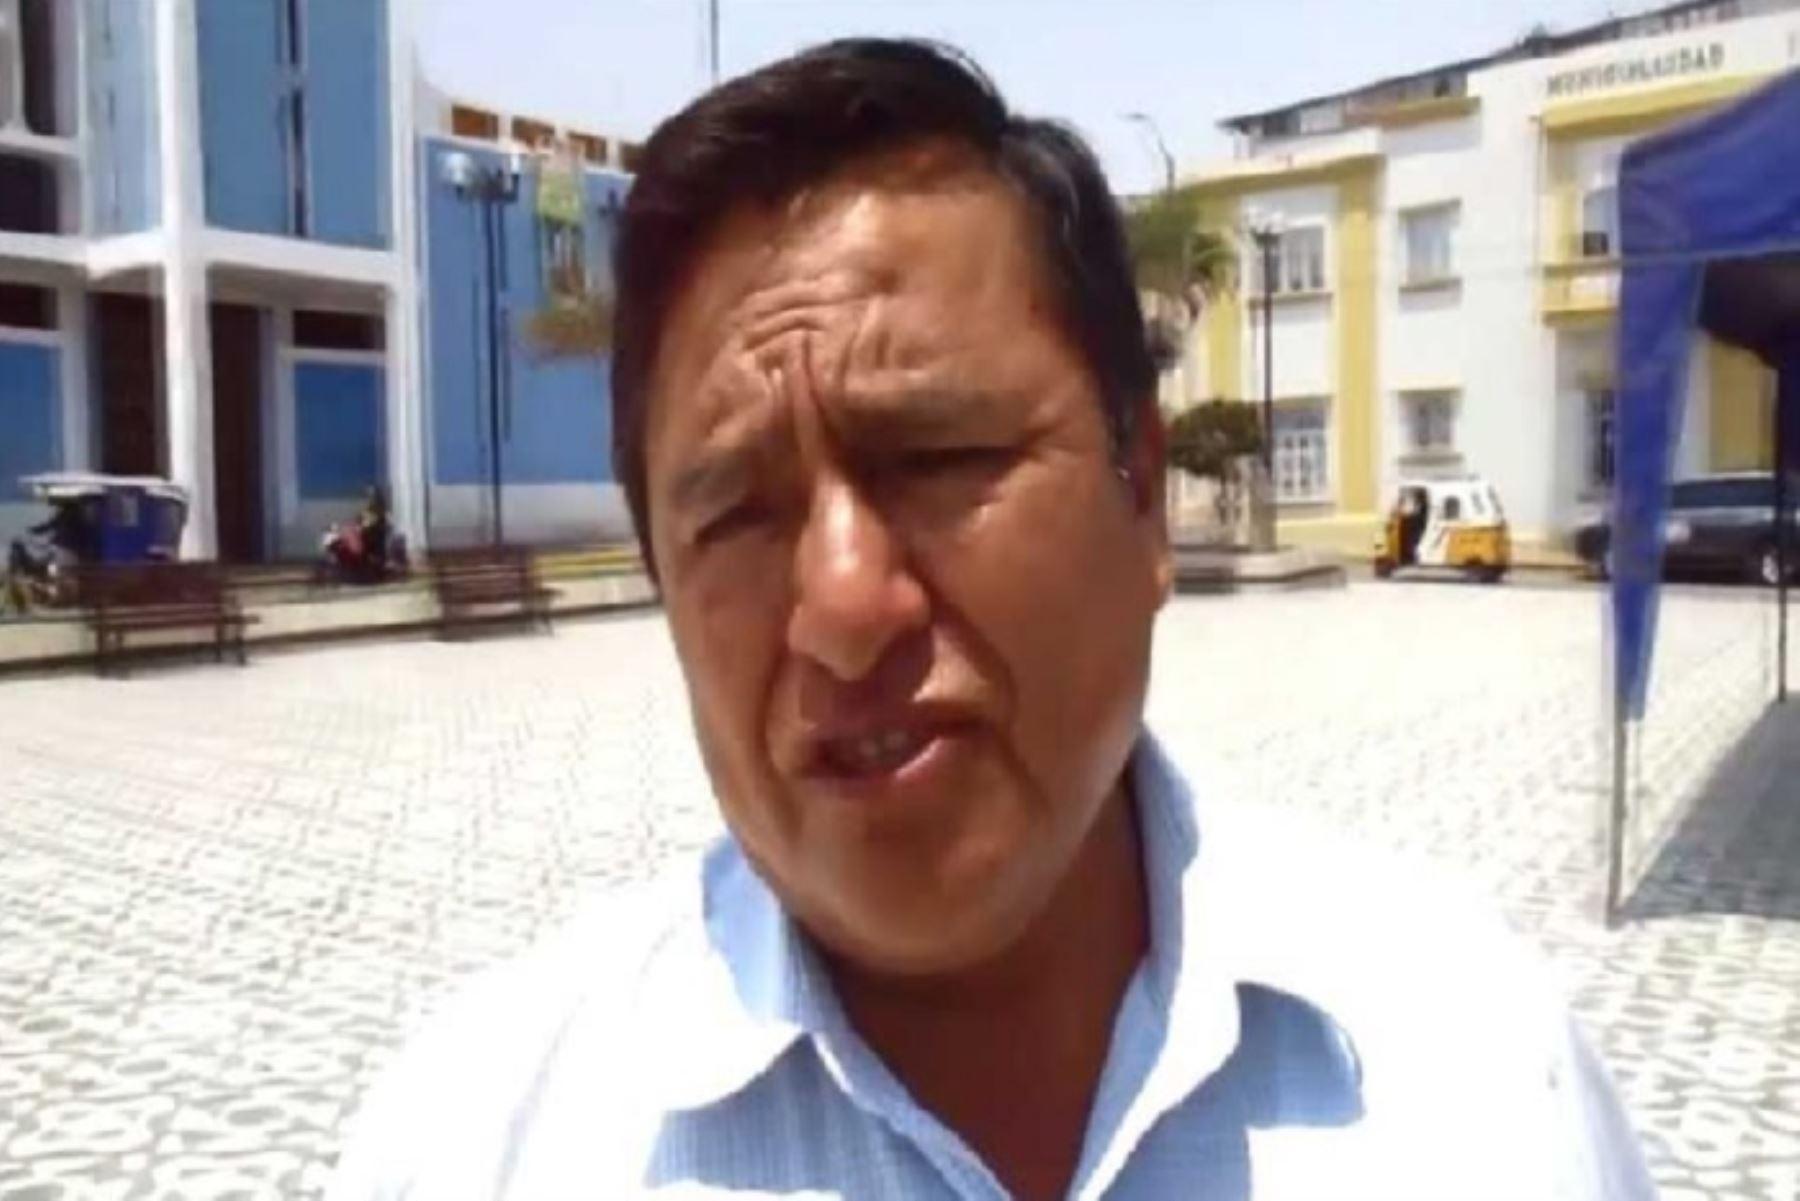 A cuatro años de pena privativa de la libertad suspendida y al pago de S/. 300,000 por reparación civil fue condenado Santos Apolinar Cerna Quispe, exalcalde del distrito de Pacanga, ubicado en la provincia de Chepén, región La Libertad; y cinco de sus funcionarios por el delito de negociación incompatible en agravio del Estado.